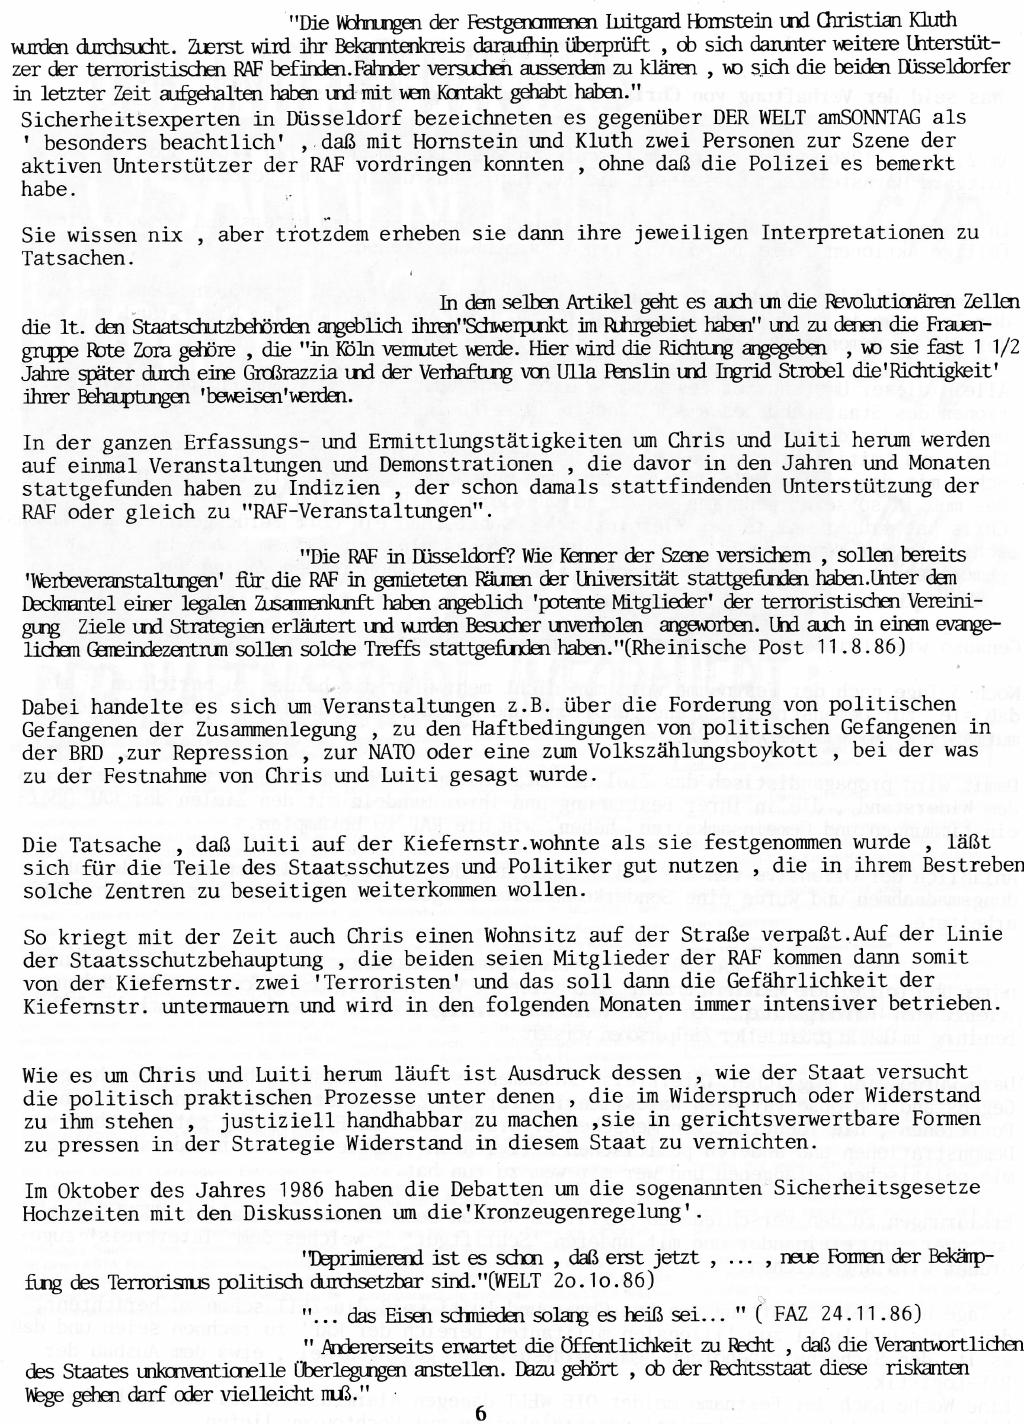 Duesseldorf_1989_Sechs_Politische_Gefangene_006